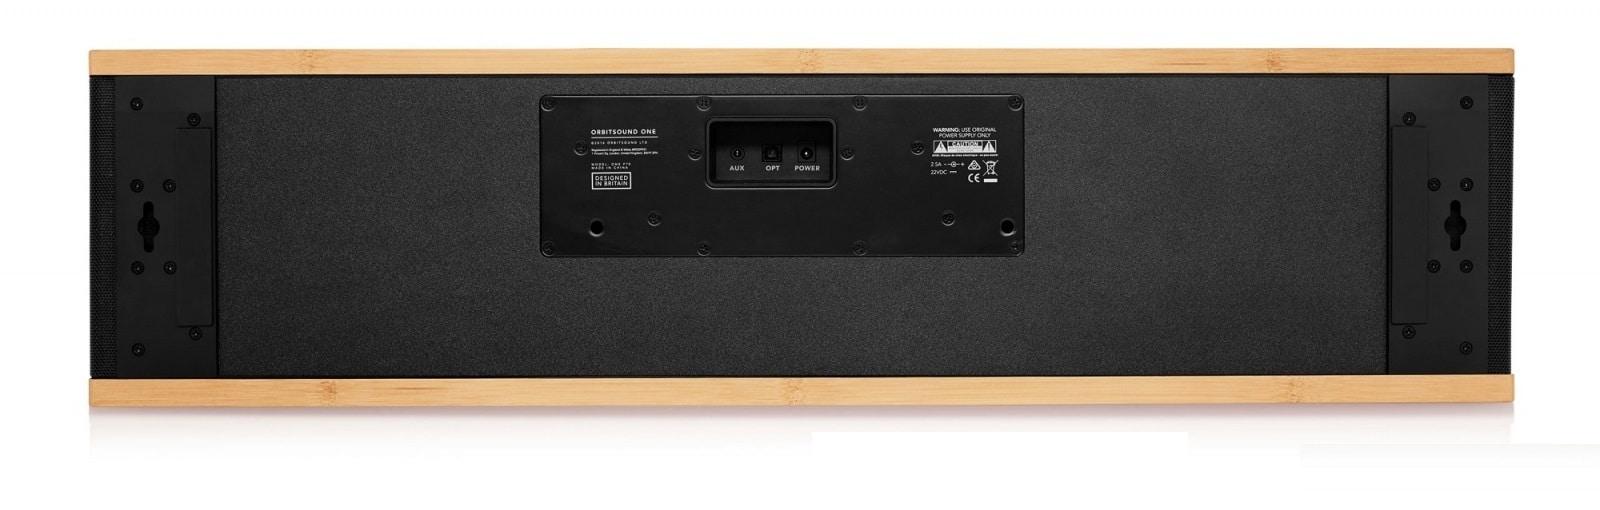 barra de sonido One P70W V2